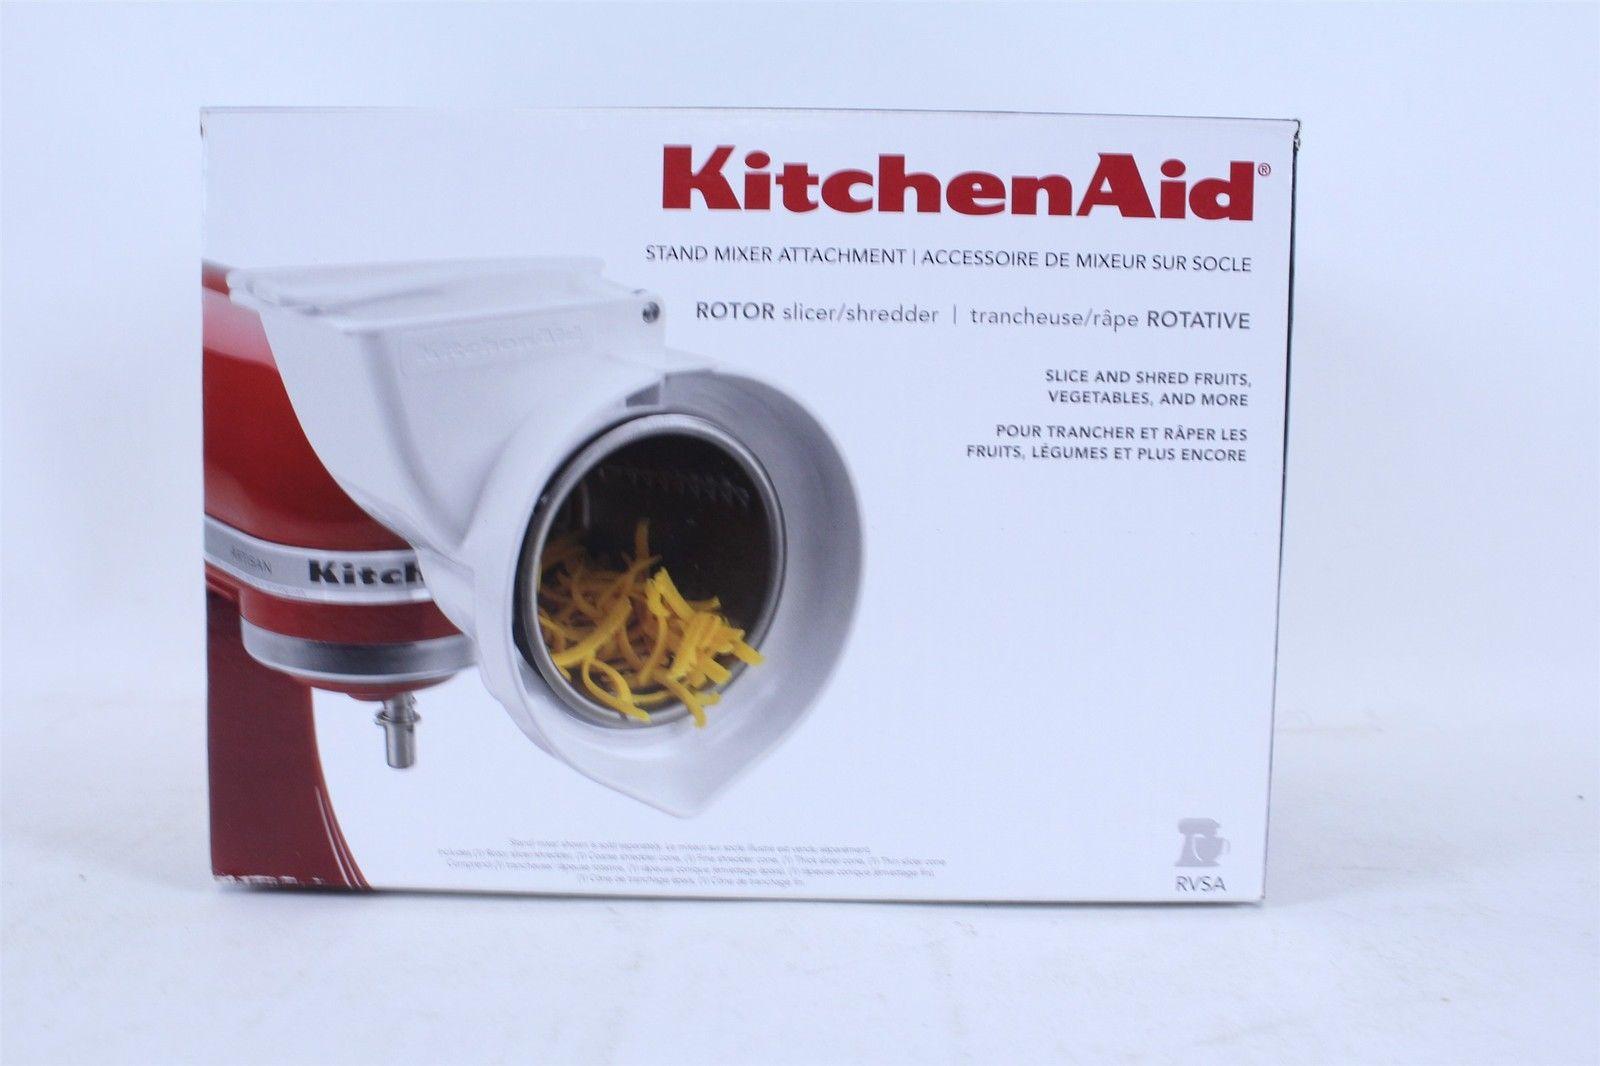 Kitchenaid slicer attachment Photo - 2